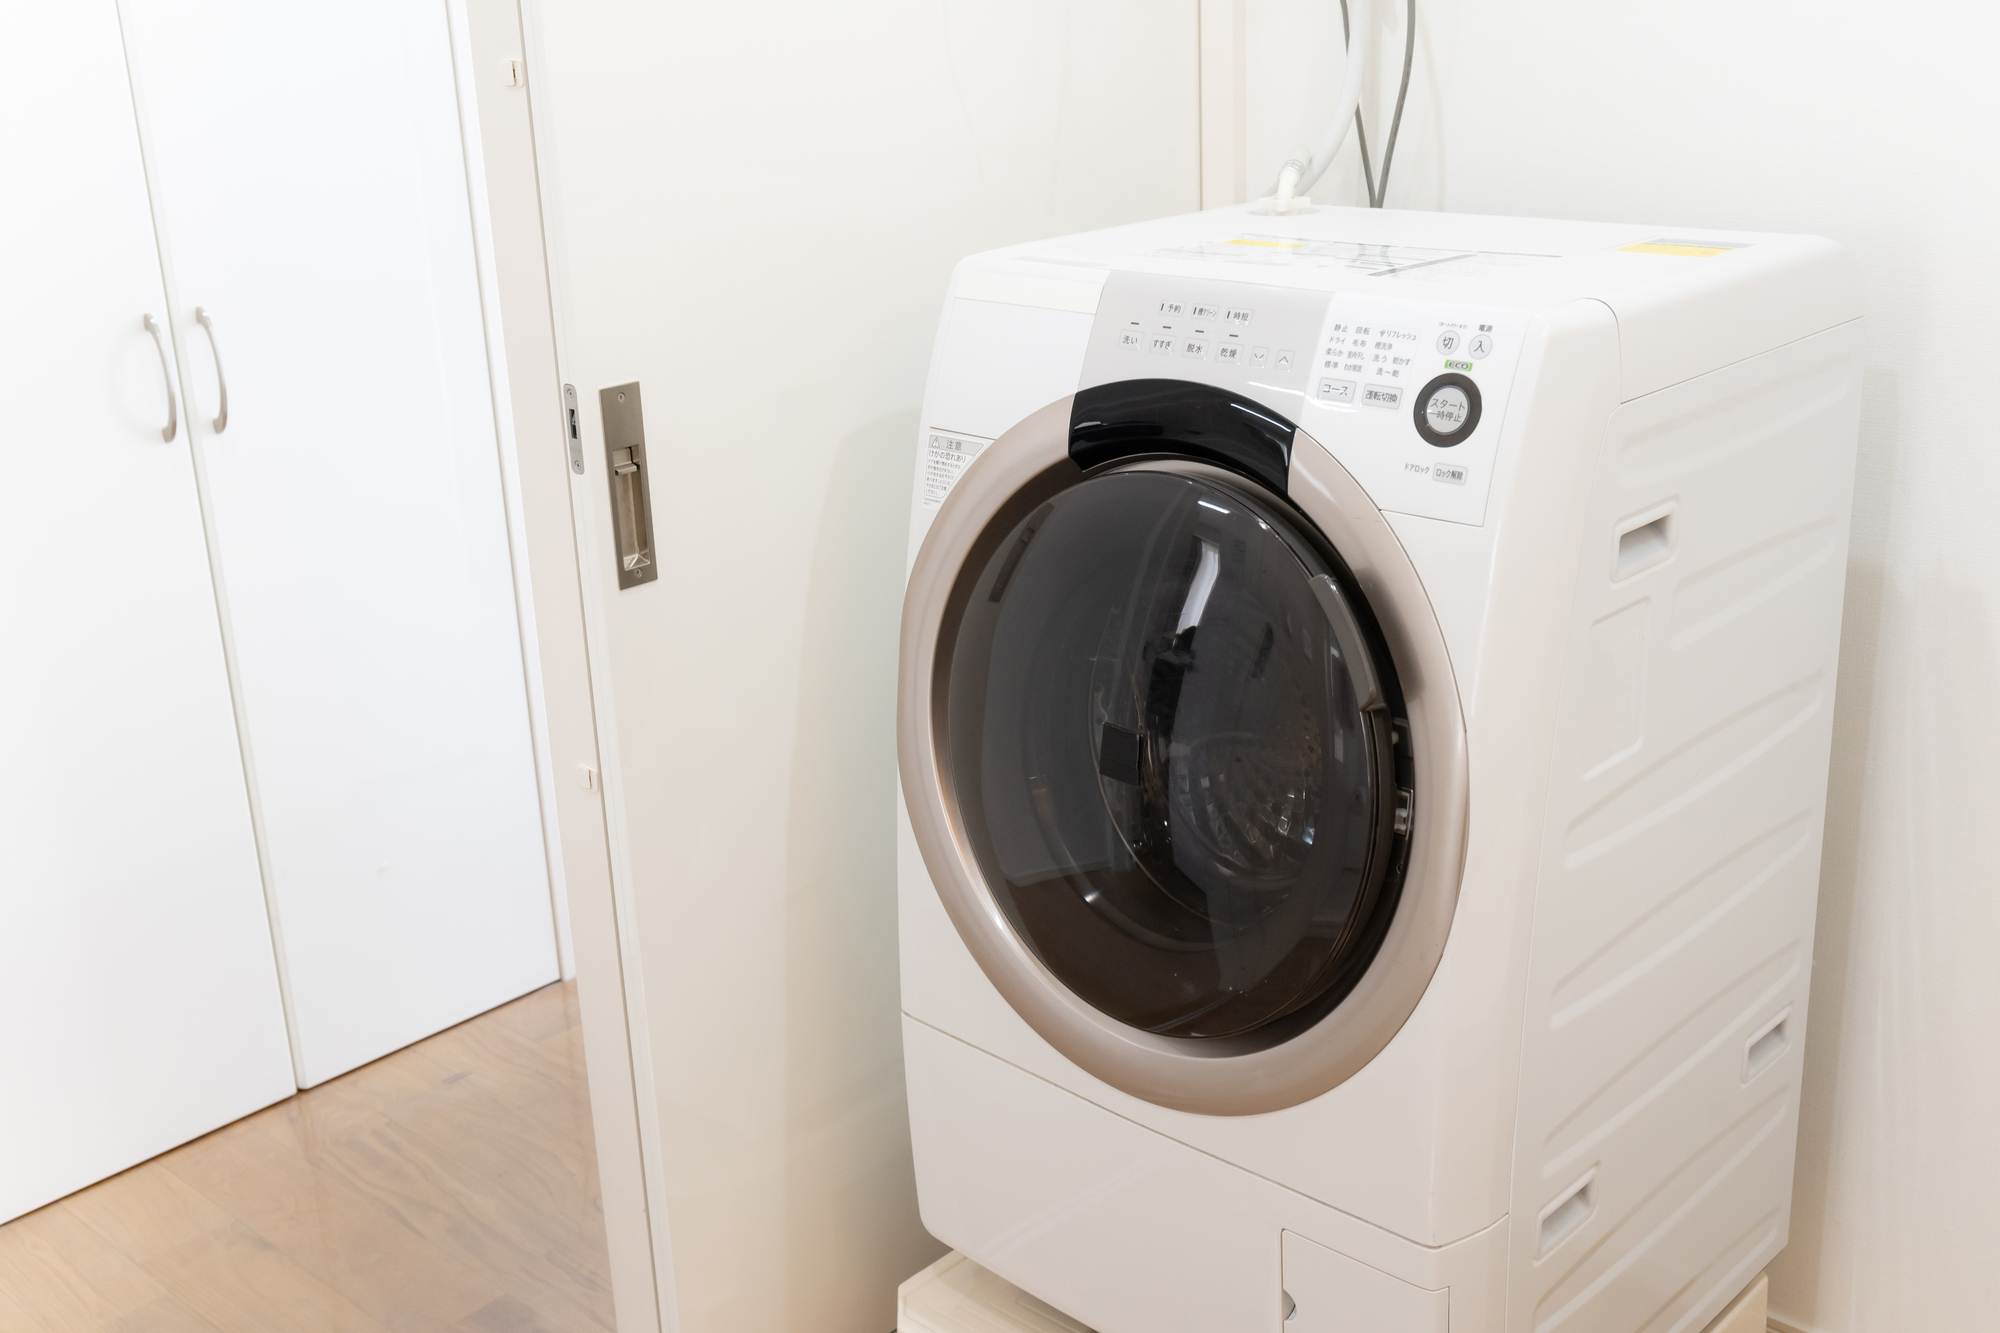 ドラム式洗濯機のメリットとデメリット 掃除が必要になる場所を解説